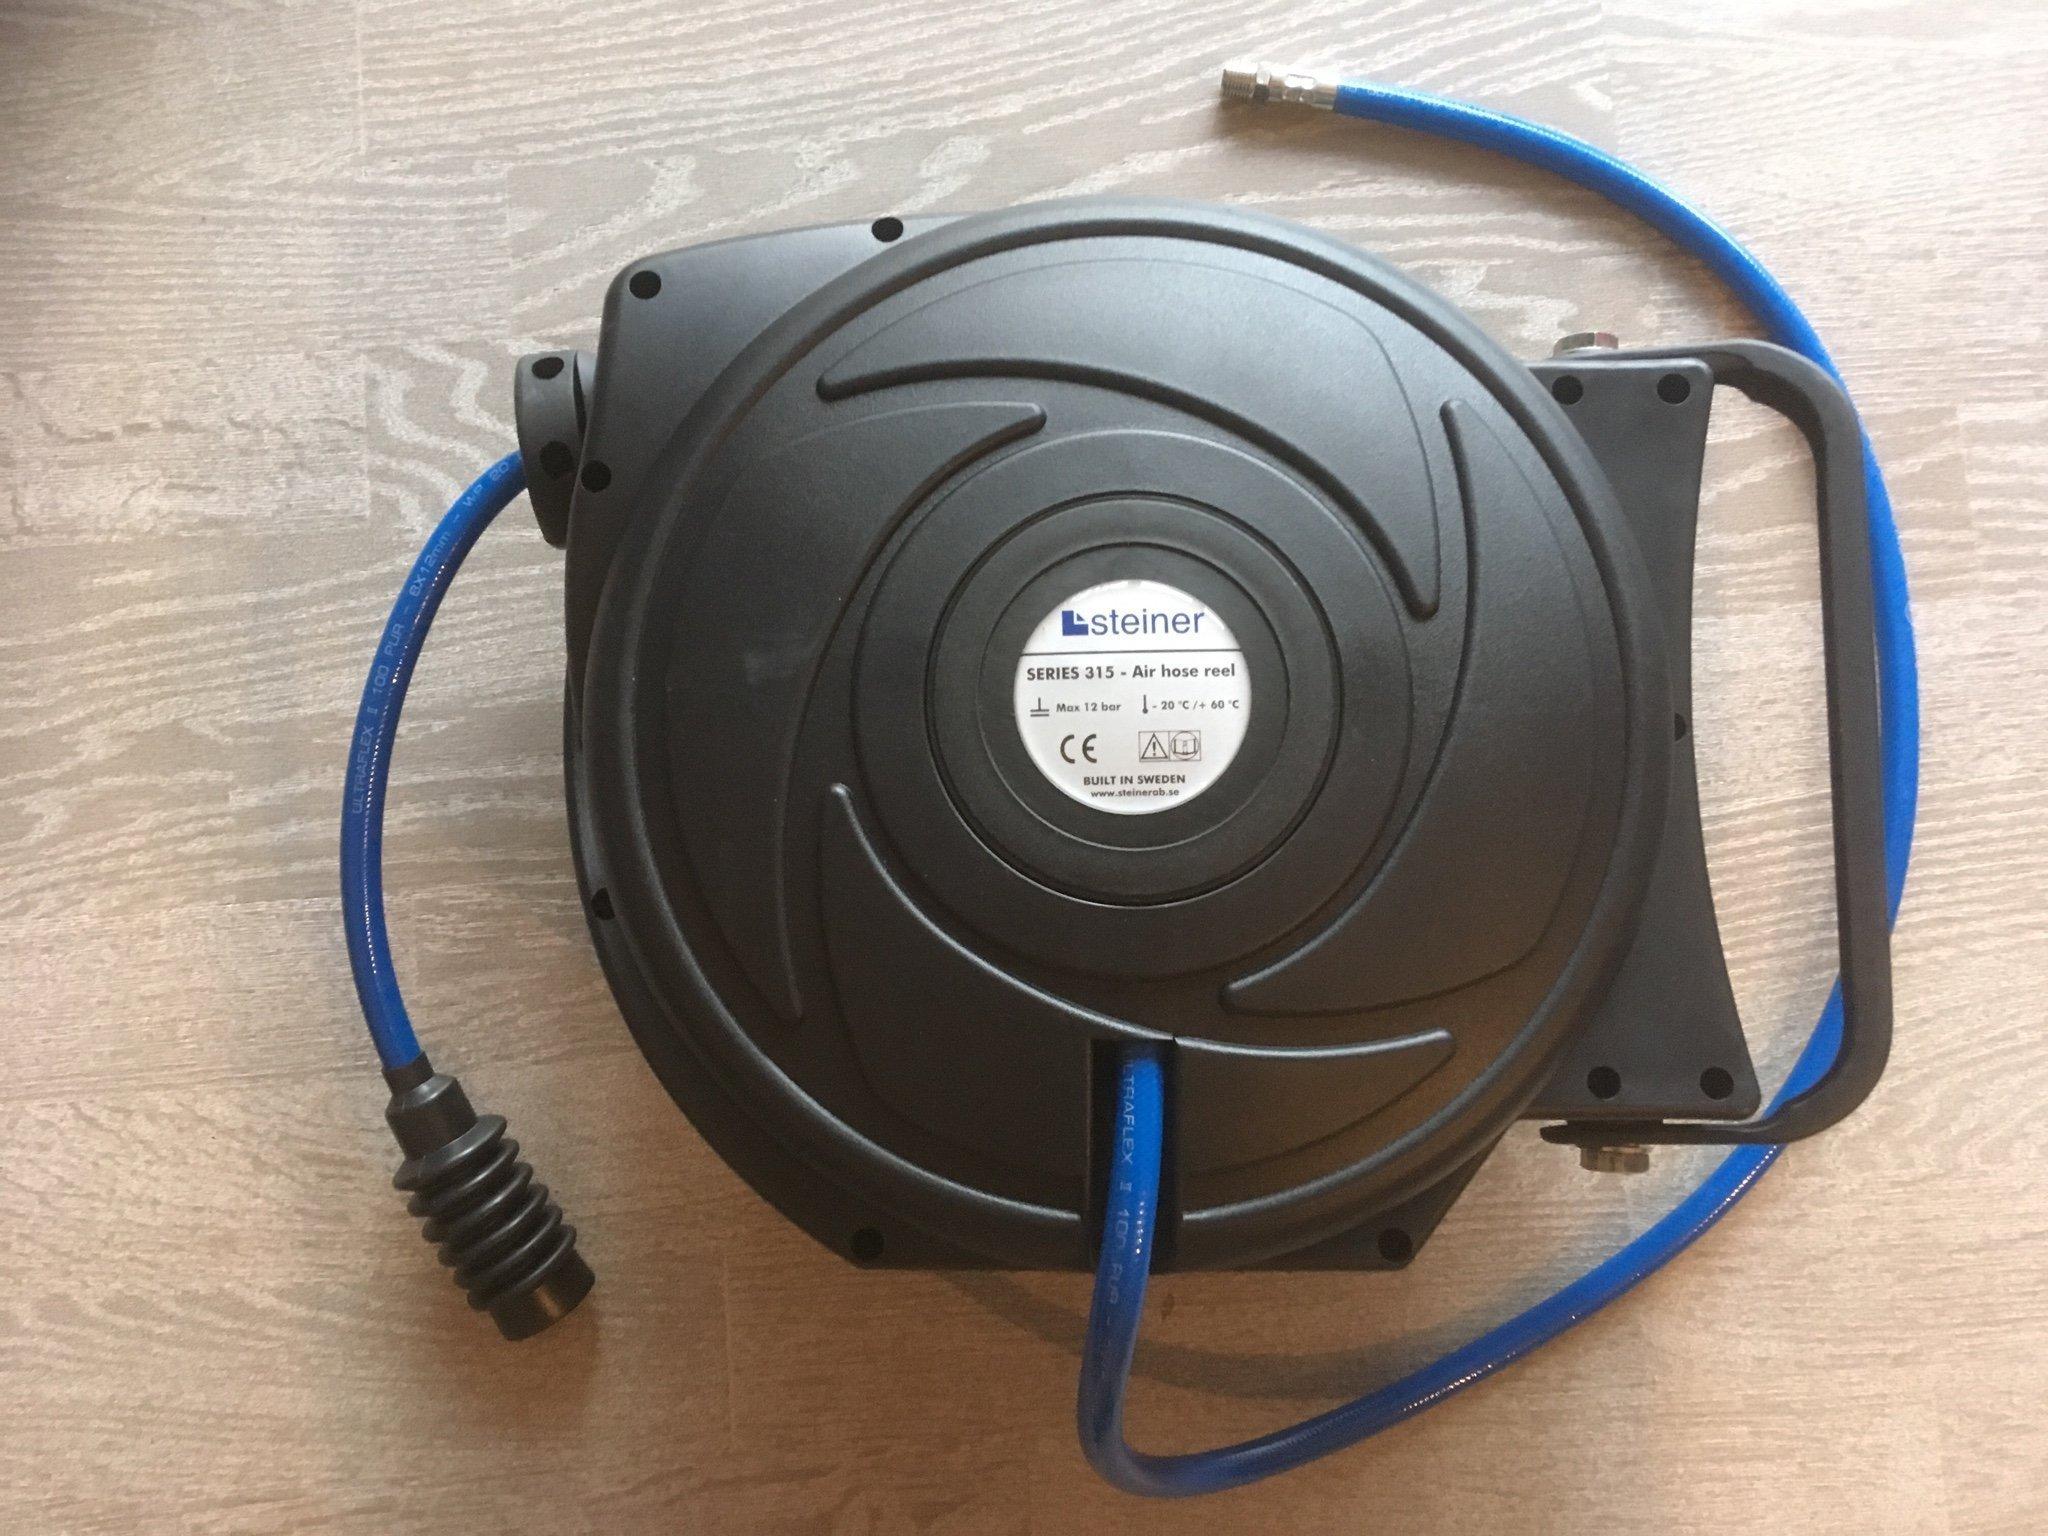 Välkända Steiner slangvinda för tryckluft ny (360901928) ᐈ Köp på Tradera LM-63